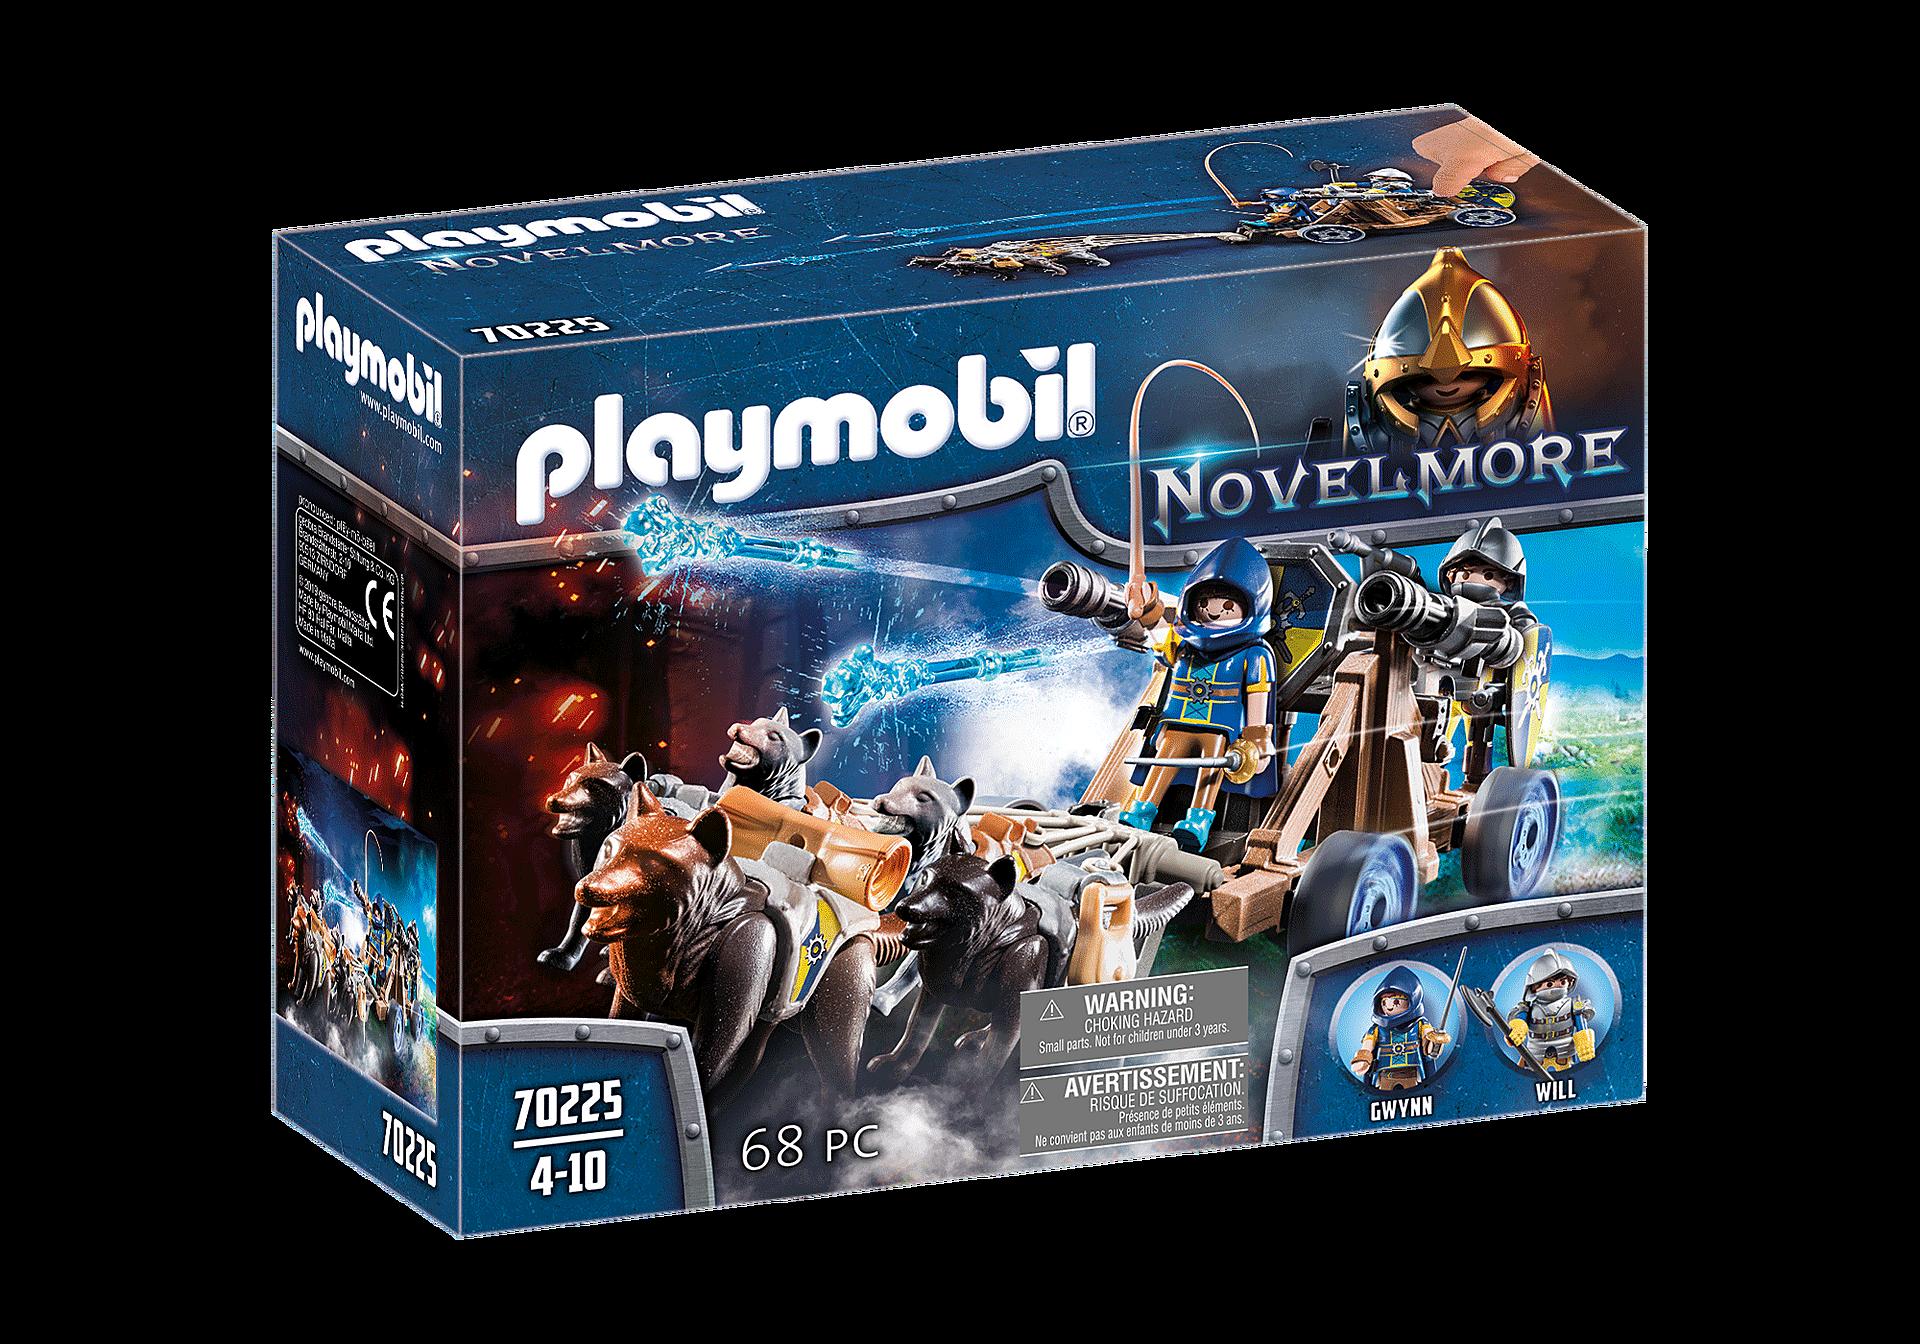 http://media.playmobil.com/i/playmobil/70225_product_box_front/Chevaliers Novelmore avec canon et loups